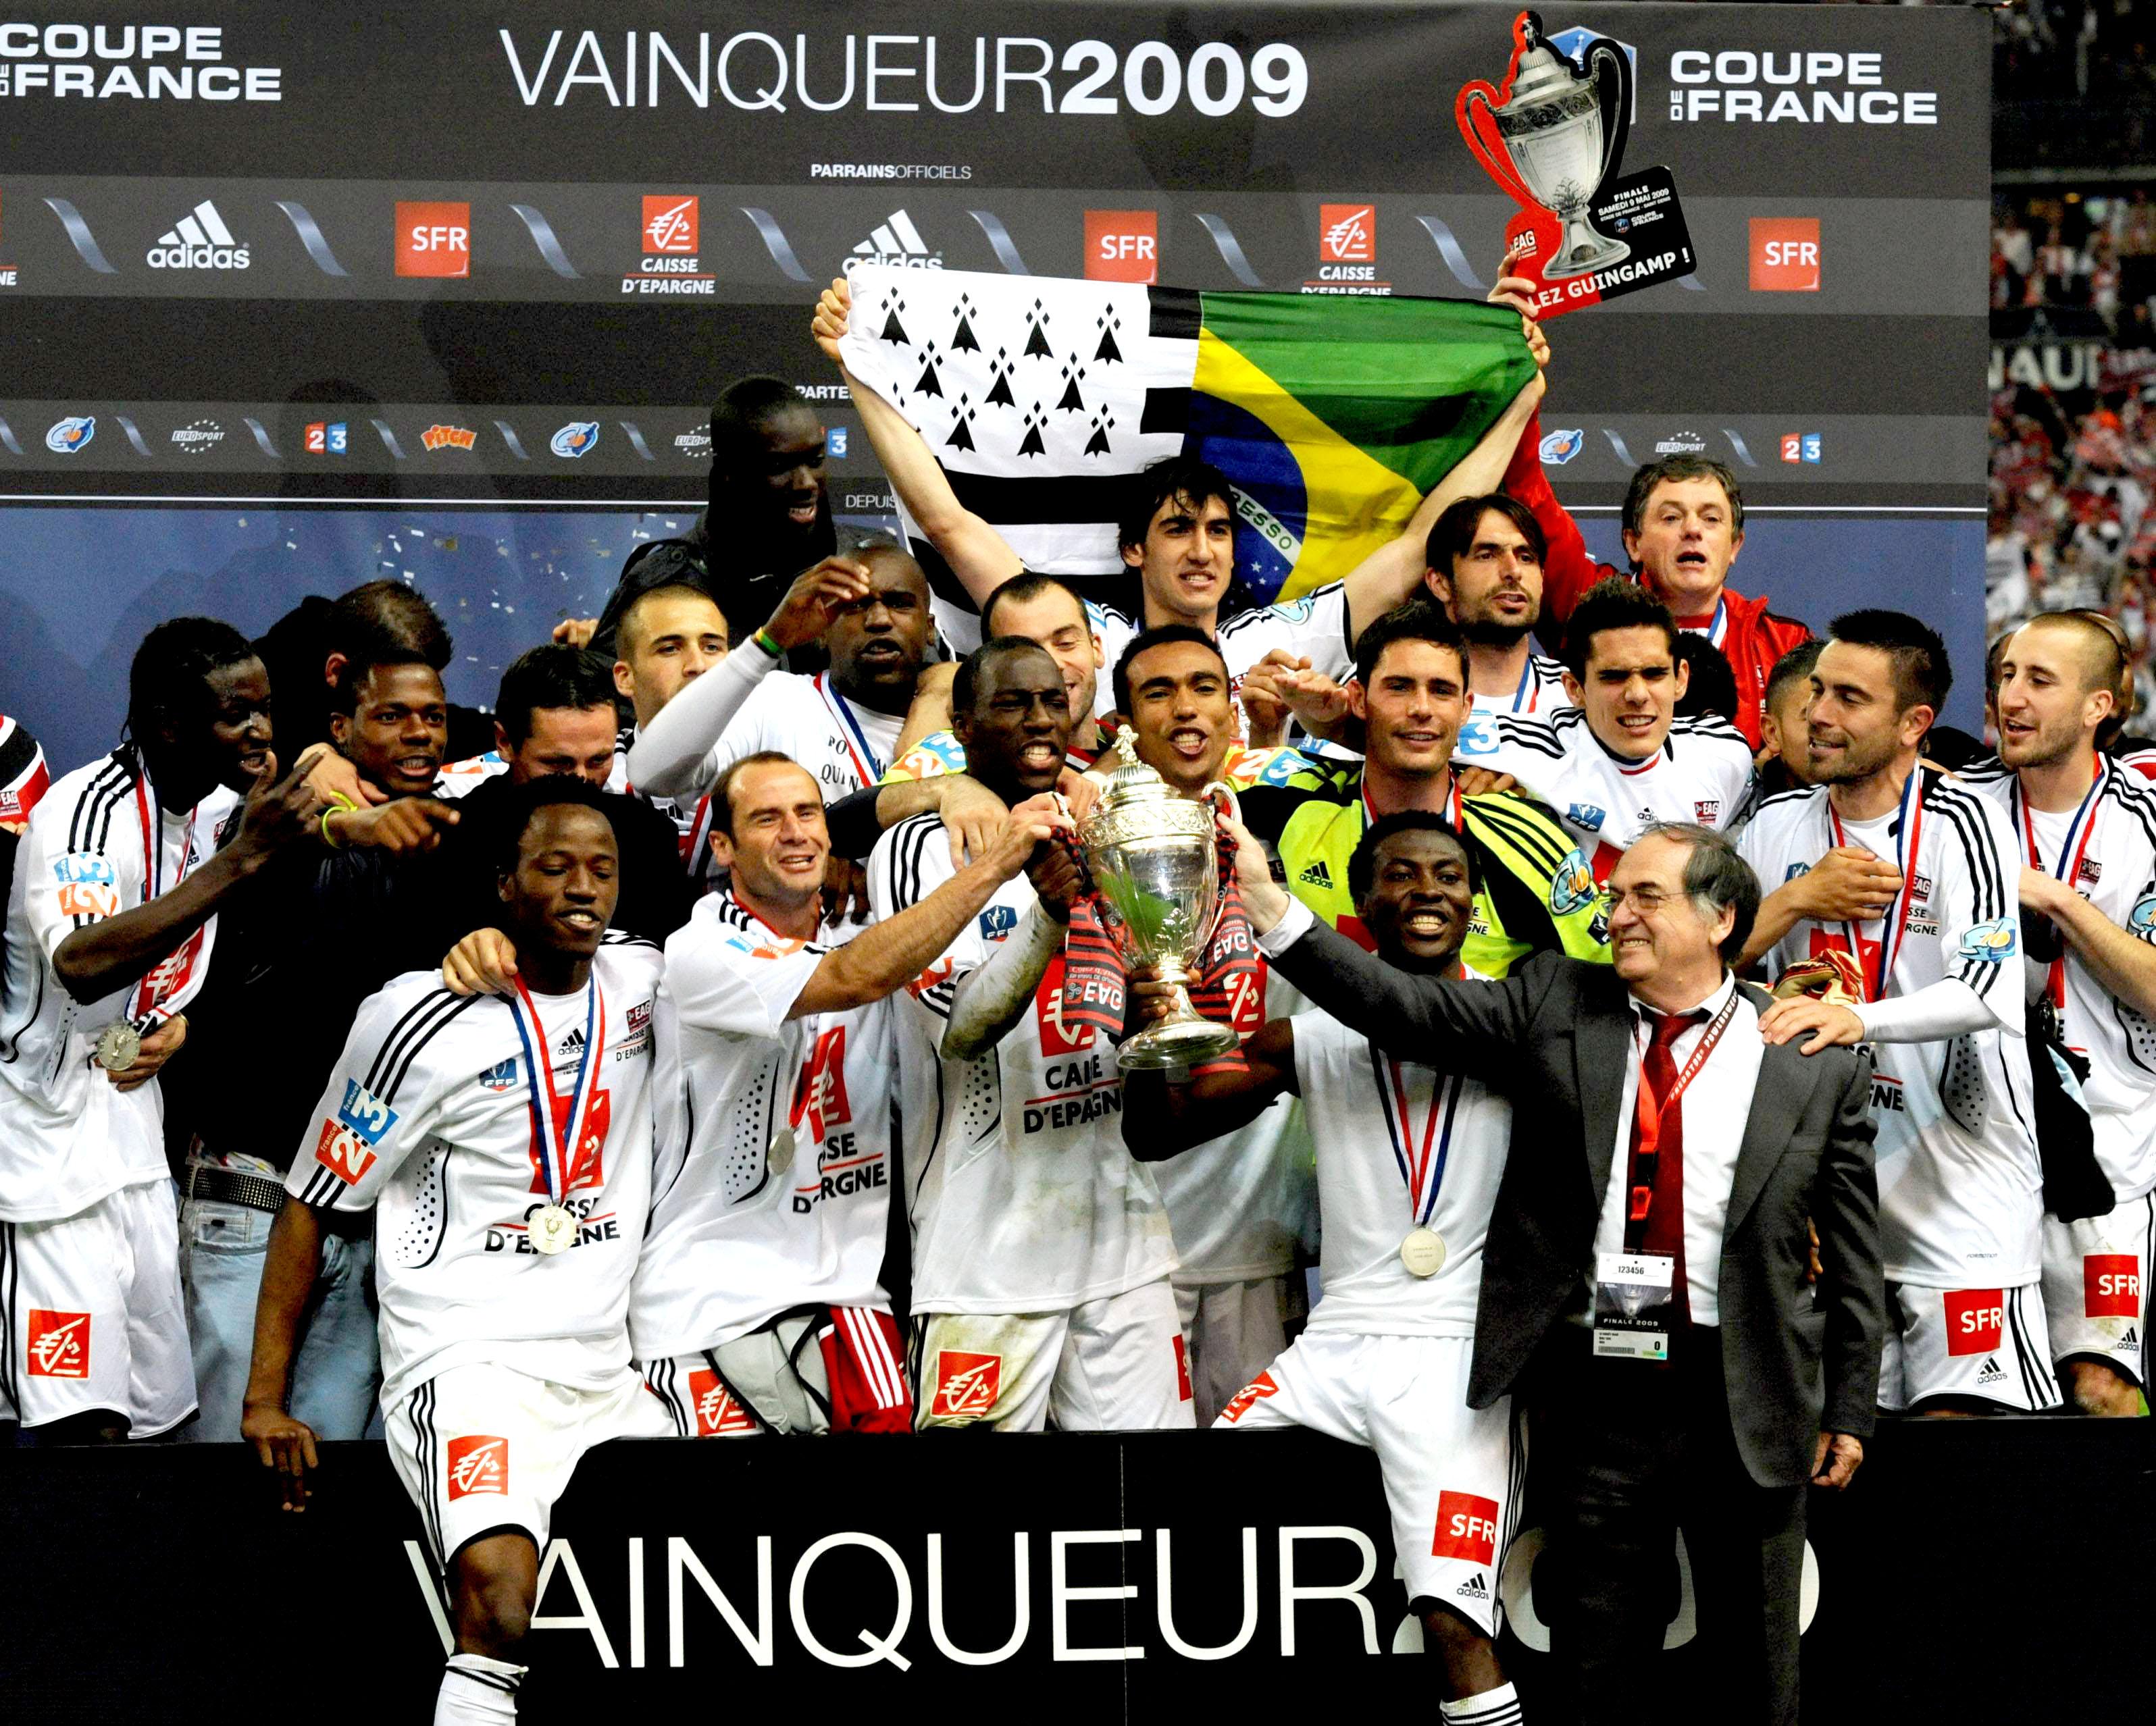 2009 vainqueur de la coupe de france en avant de guingamp - Guingamp coupe de france ...